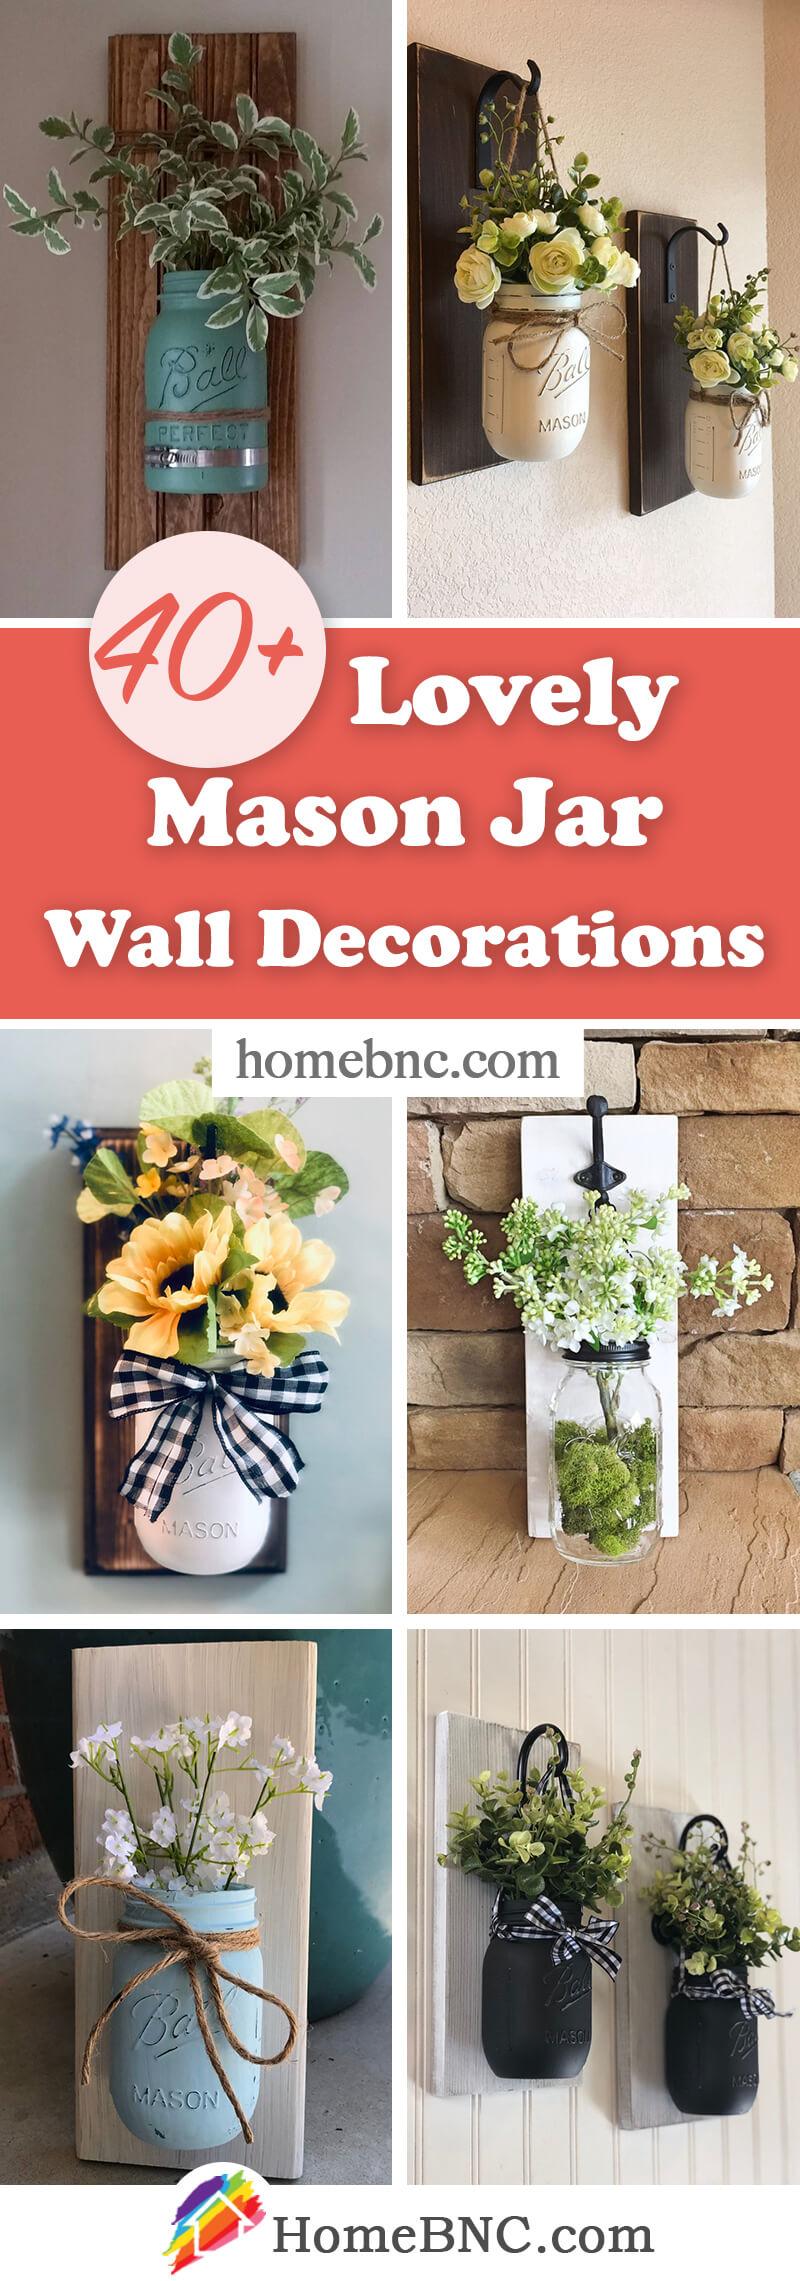 Idées de décoration murale Mason Jar